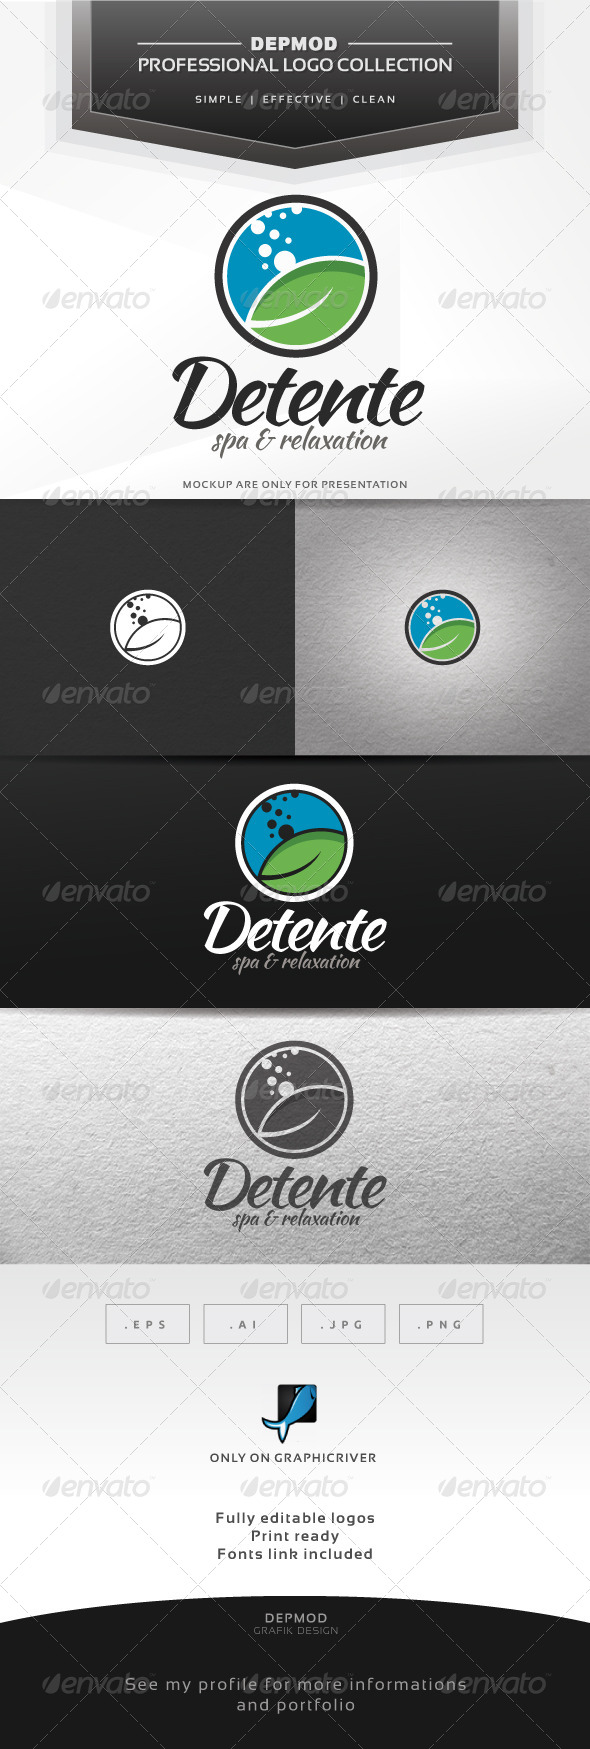 GraphicRiver Detente Logo 7163619